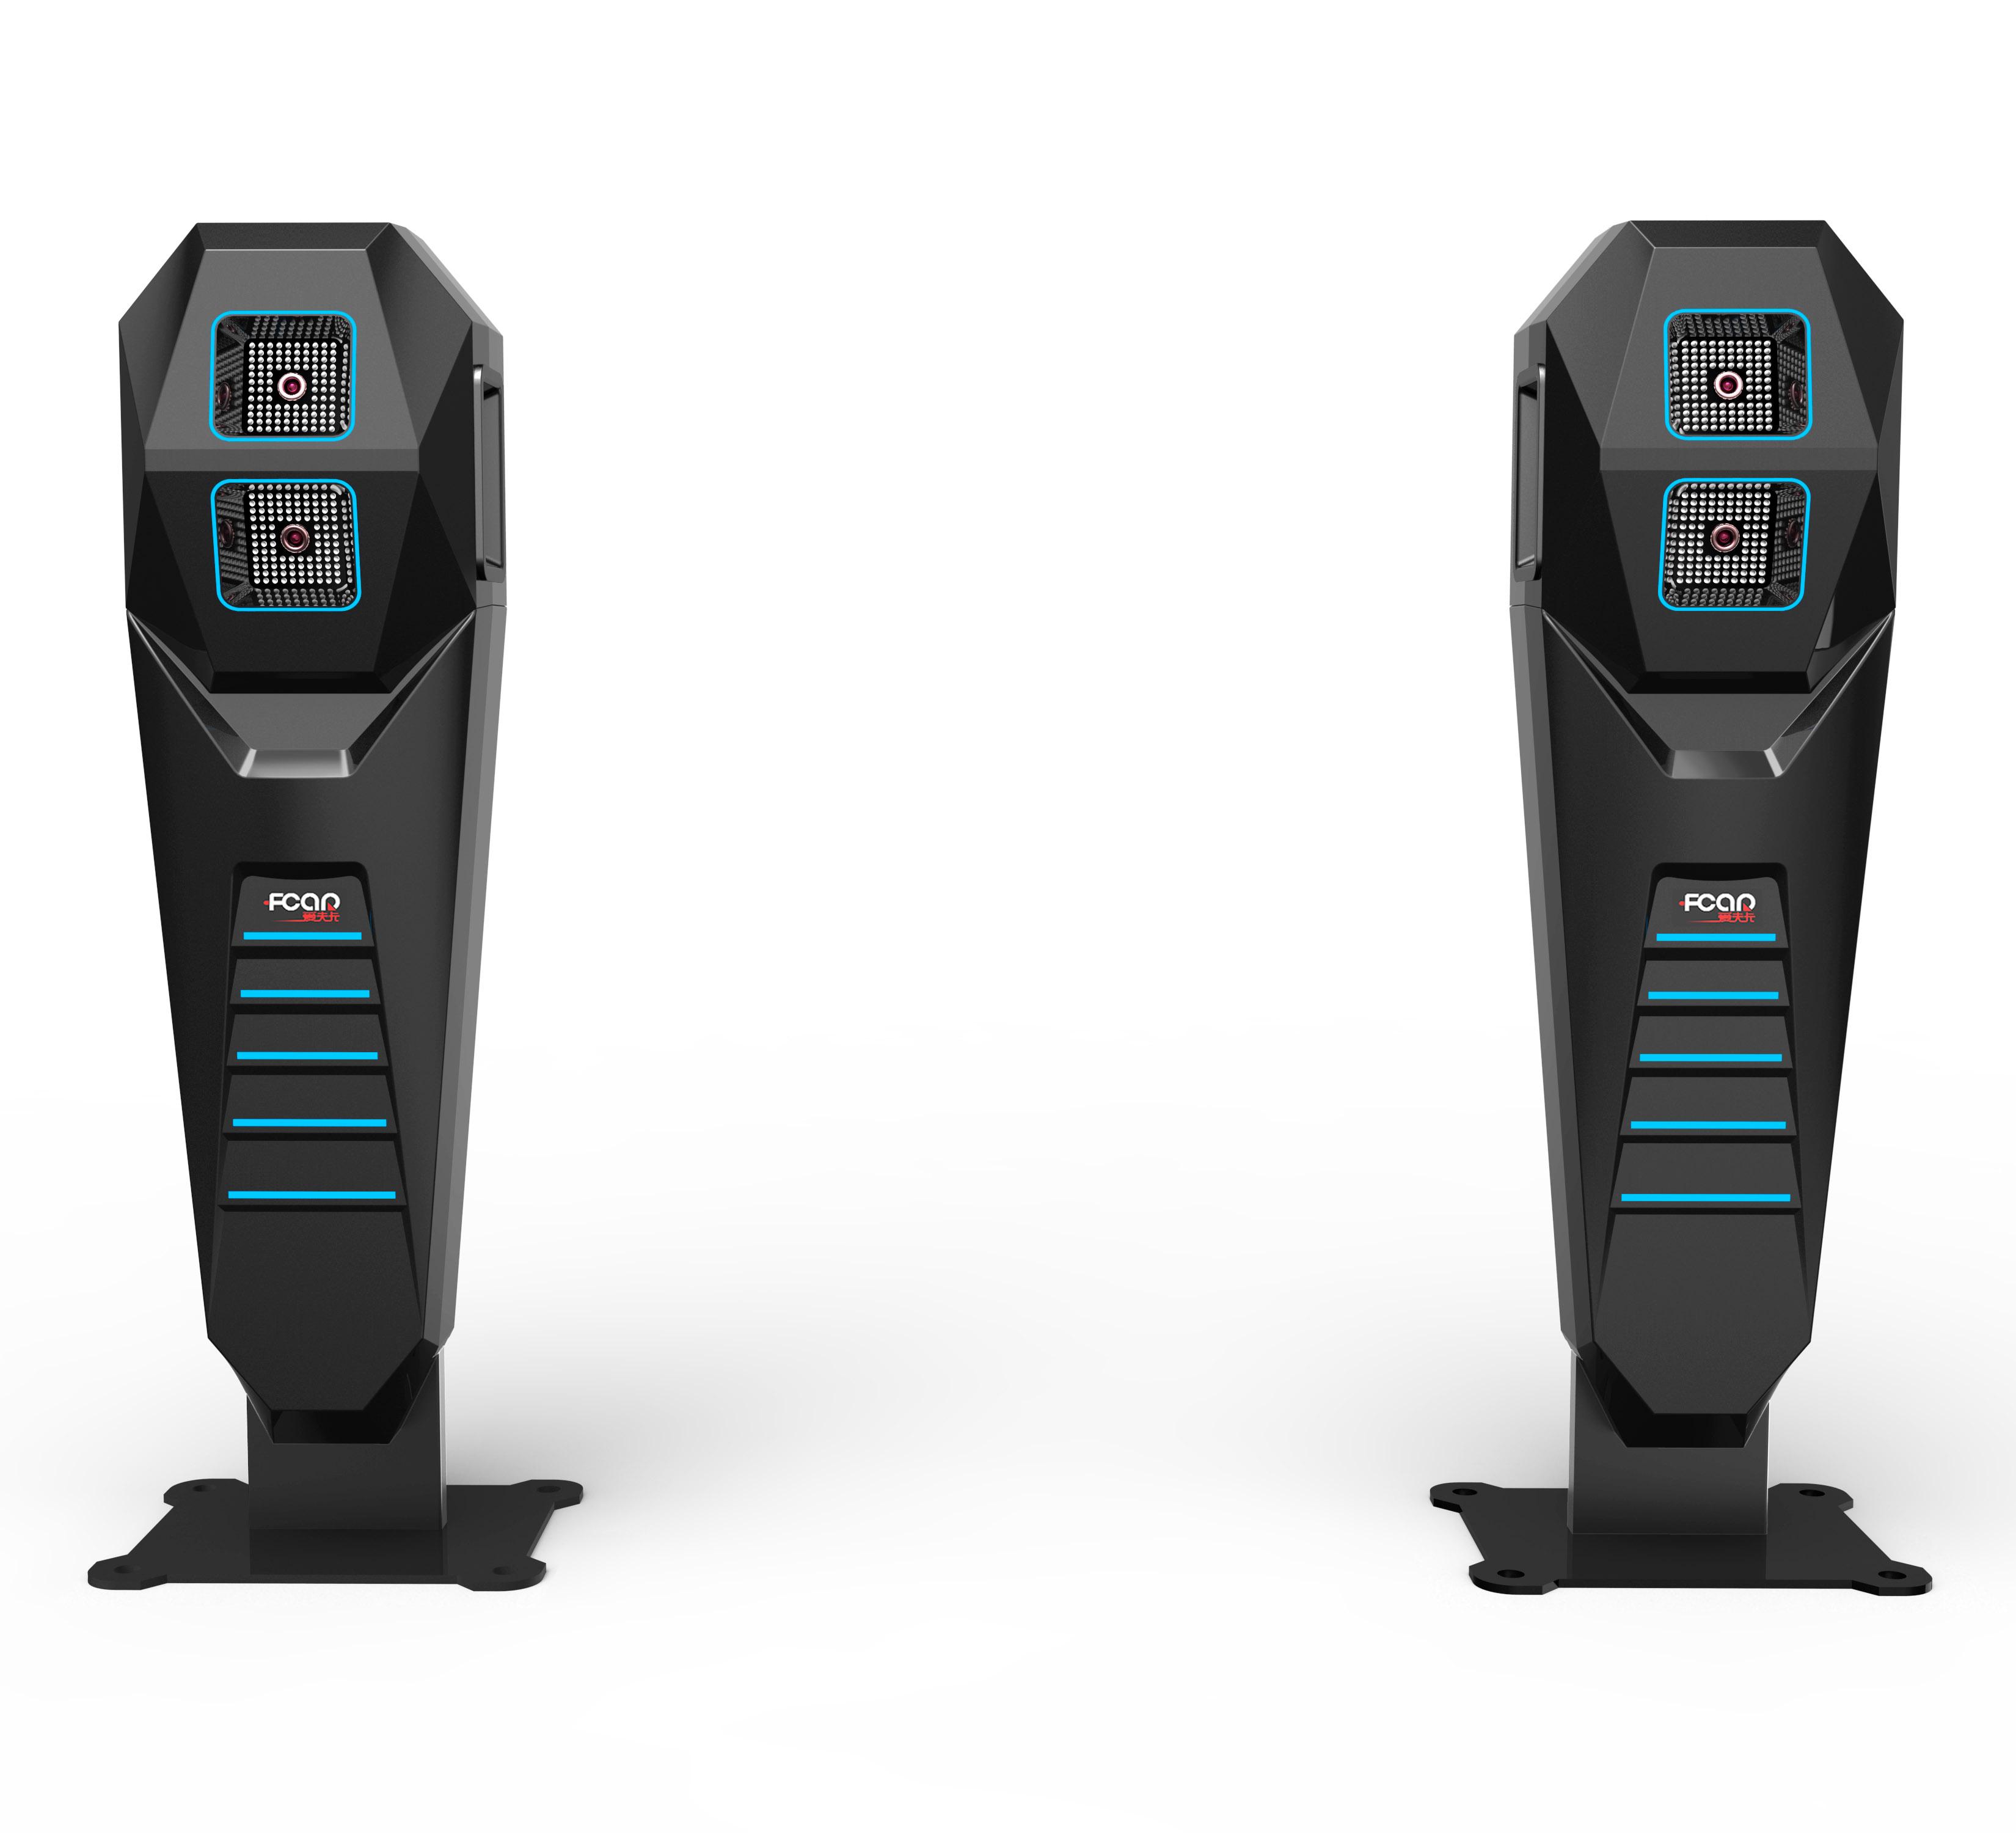 FCAR F3 FD-505 bốn bánh xe hệ thống liên kết chính xác 5D bánh xe aligner nhà máy trực tiếp giá tốt hơn so với 3D